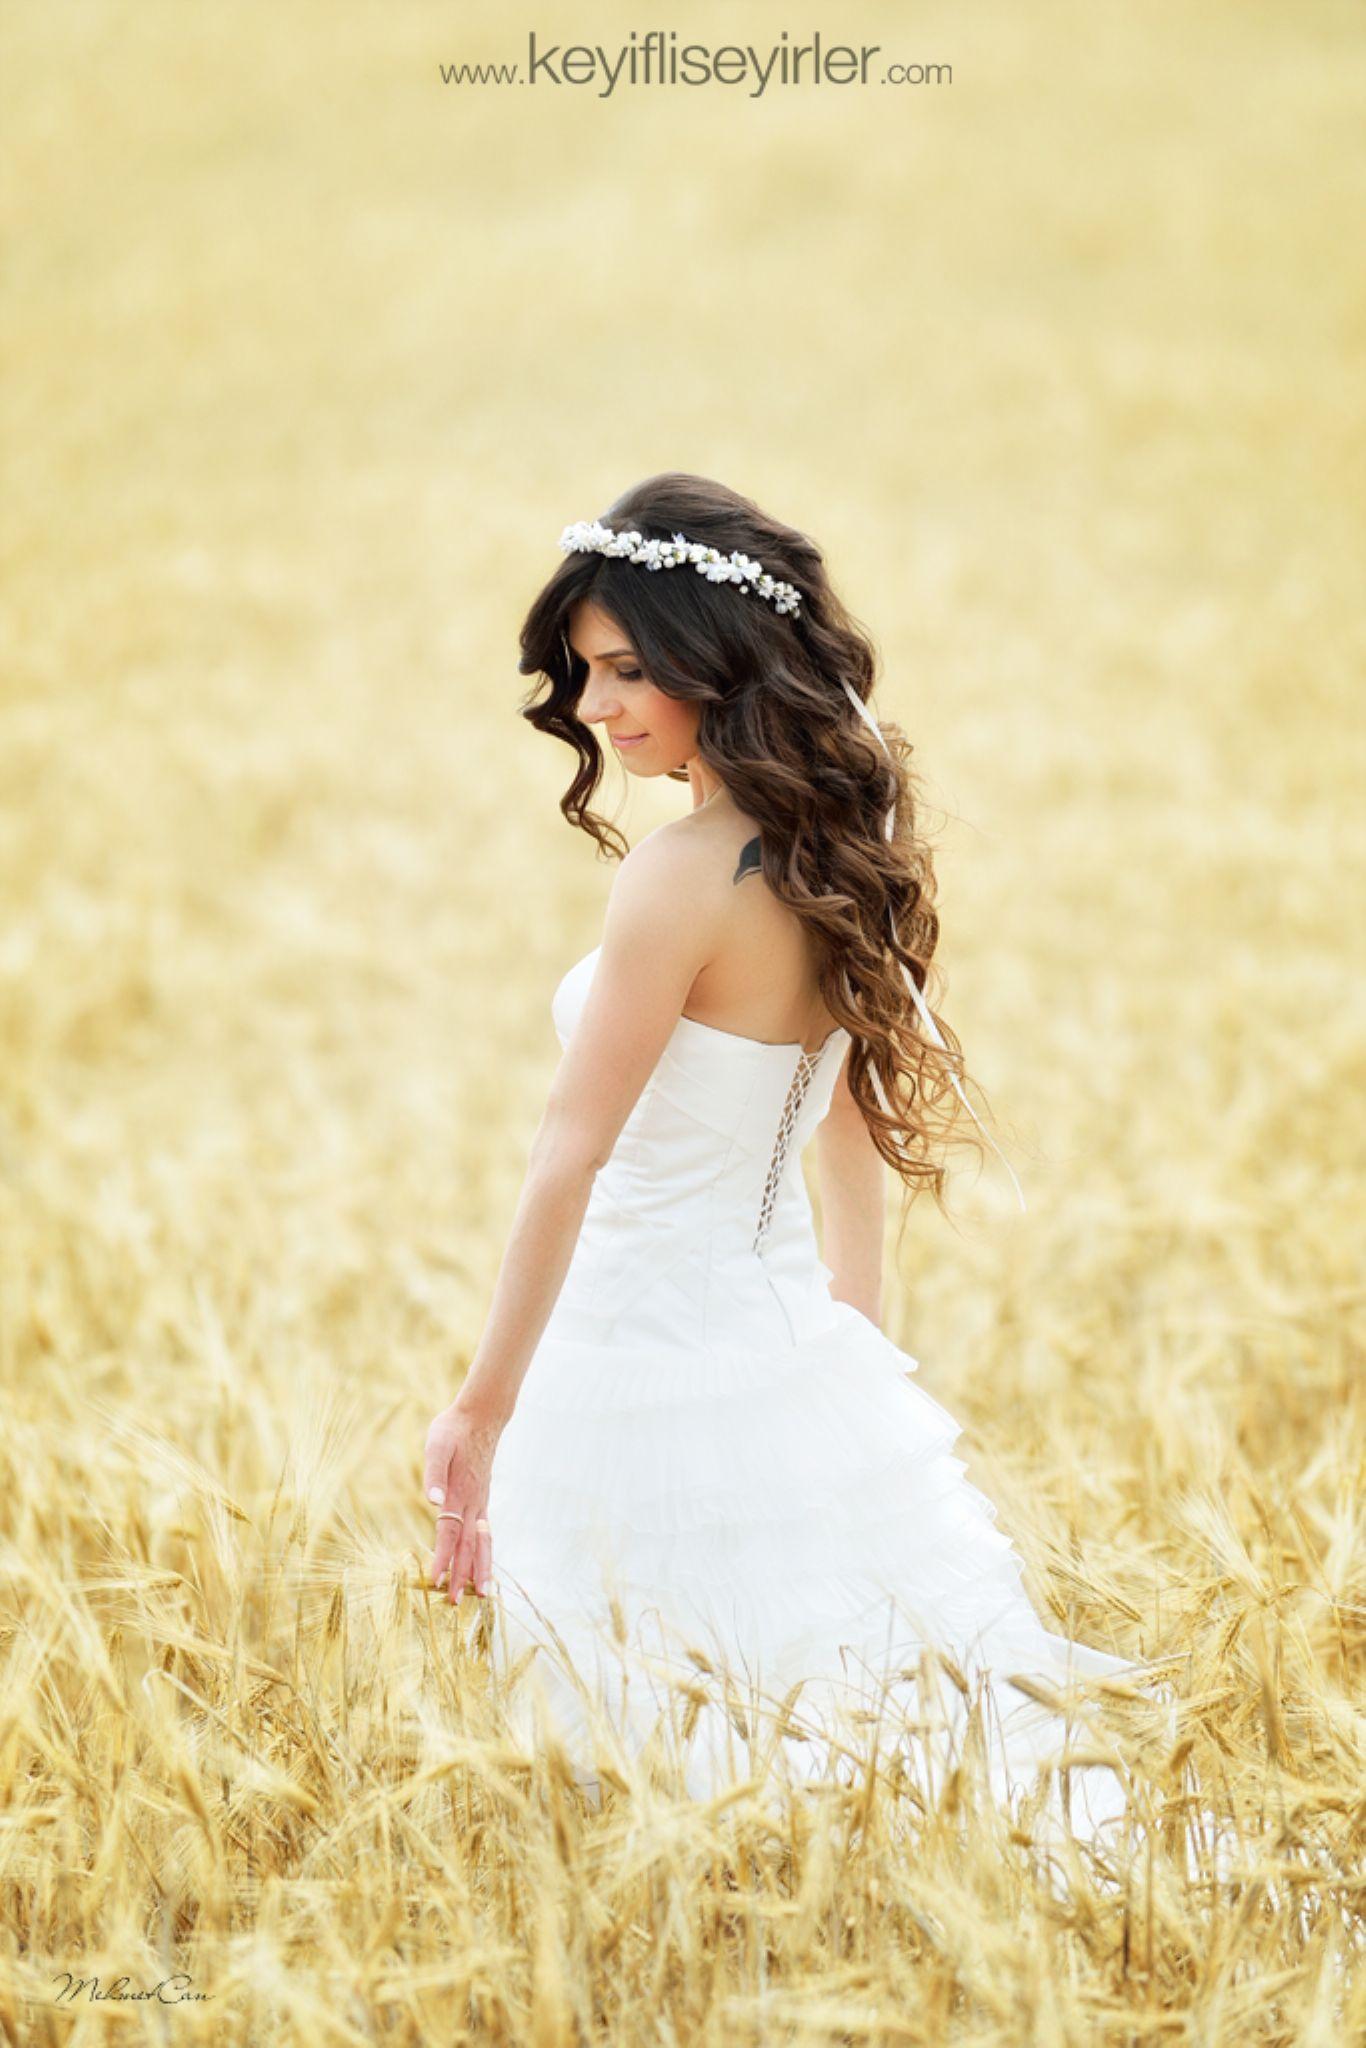 mehmet-can-denizli-fotograf-fotografcı-reklam-düğün-nişan-özel-wedding-story-168 by Mehmet Can